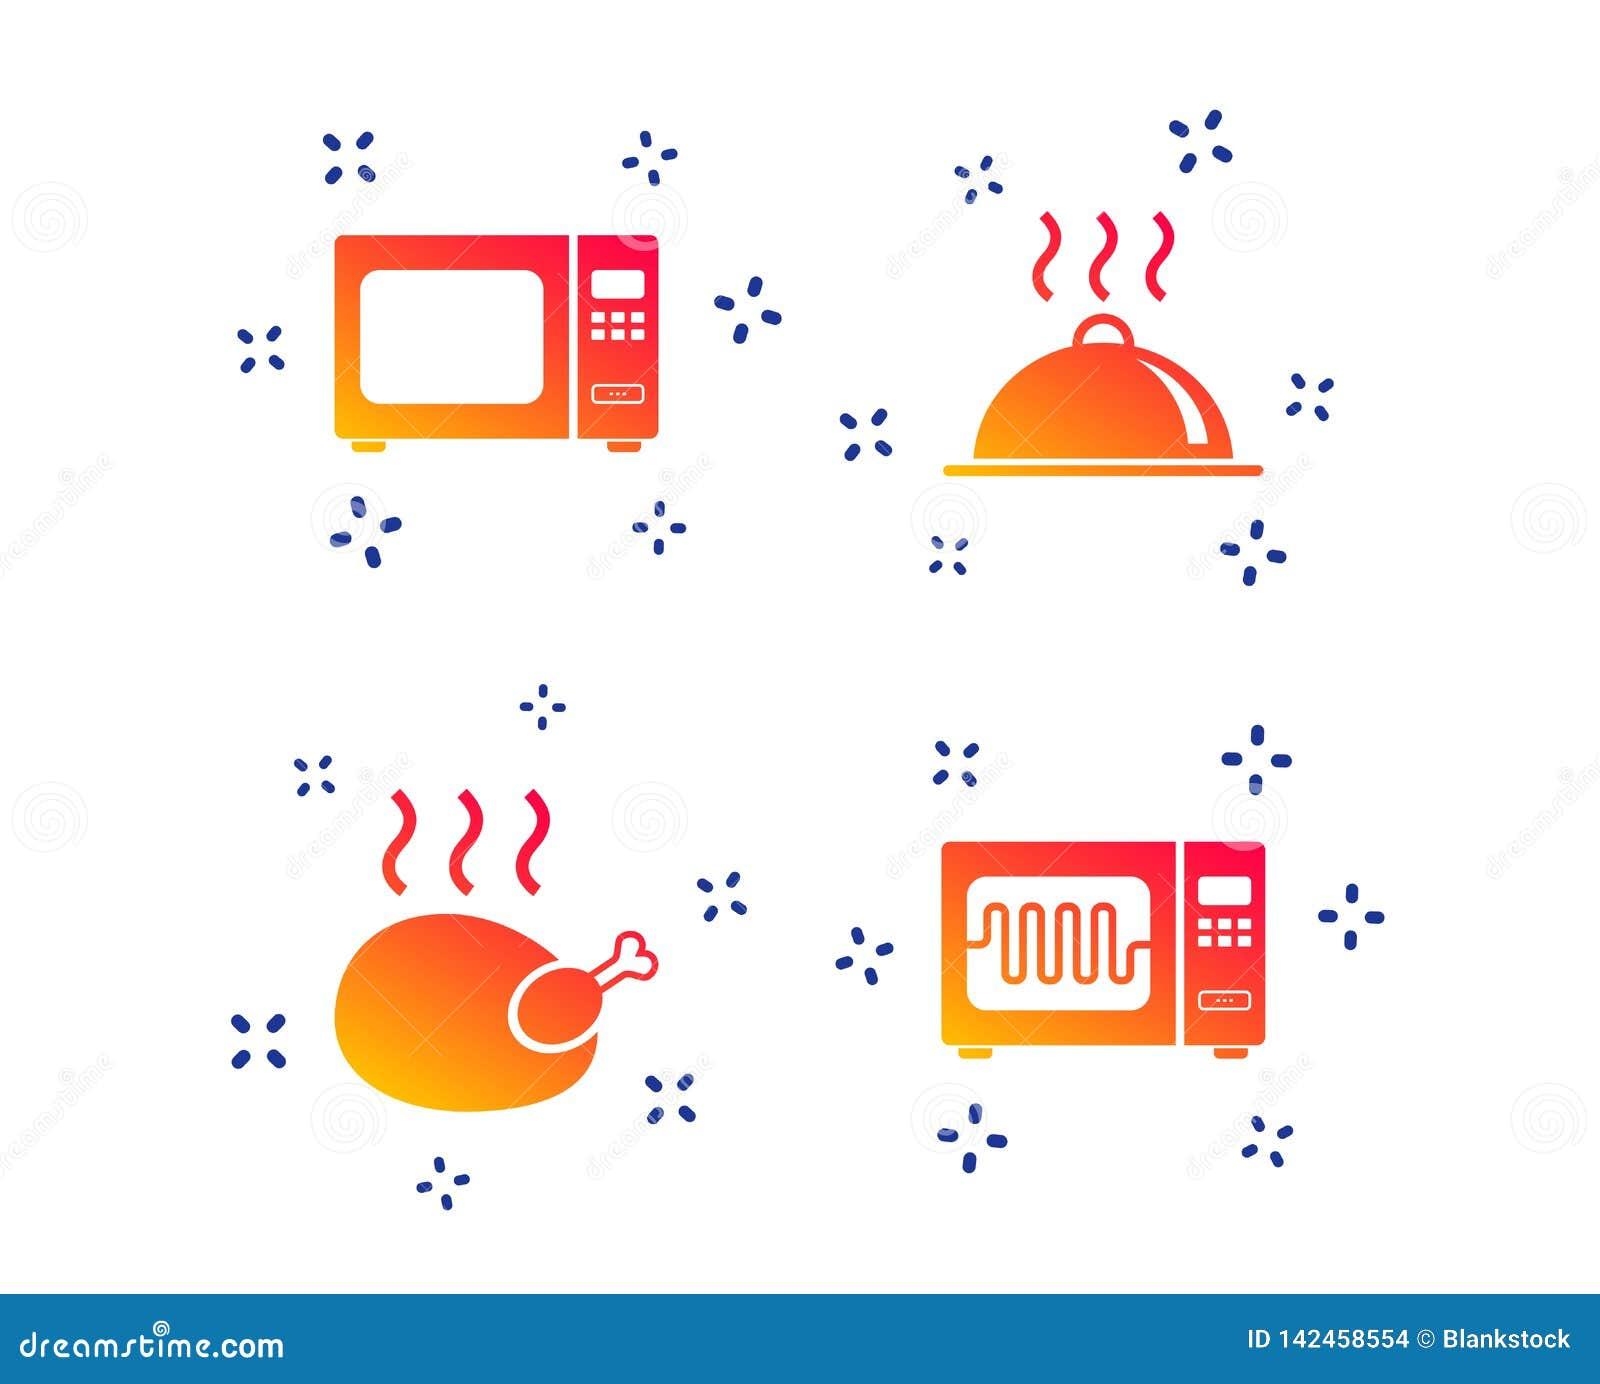 Icono del horno de microondas Cocinar la porción de la comida Vector